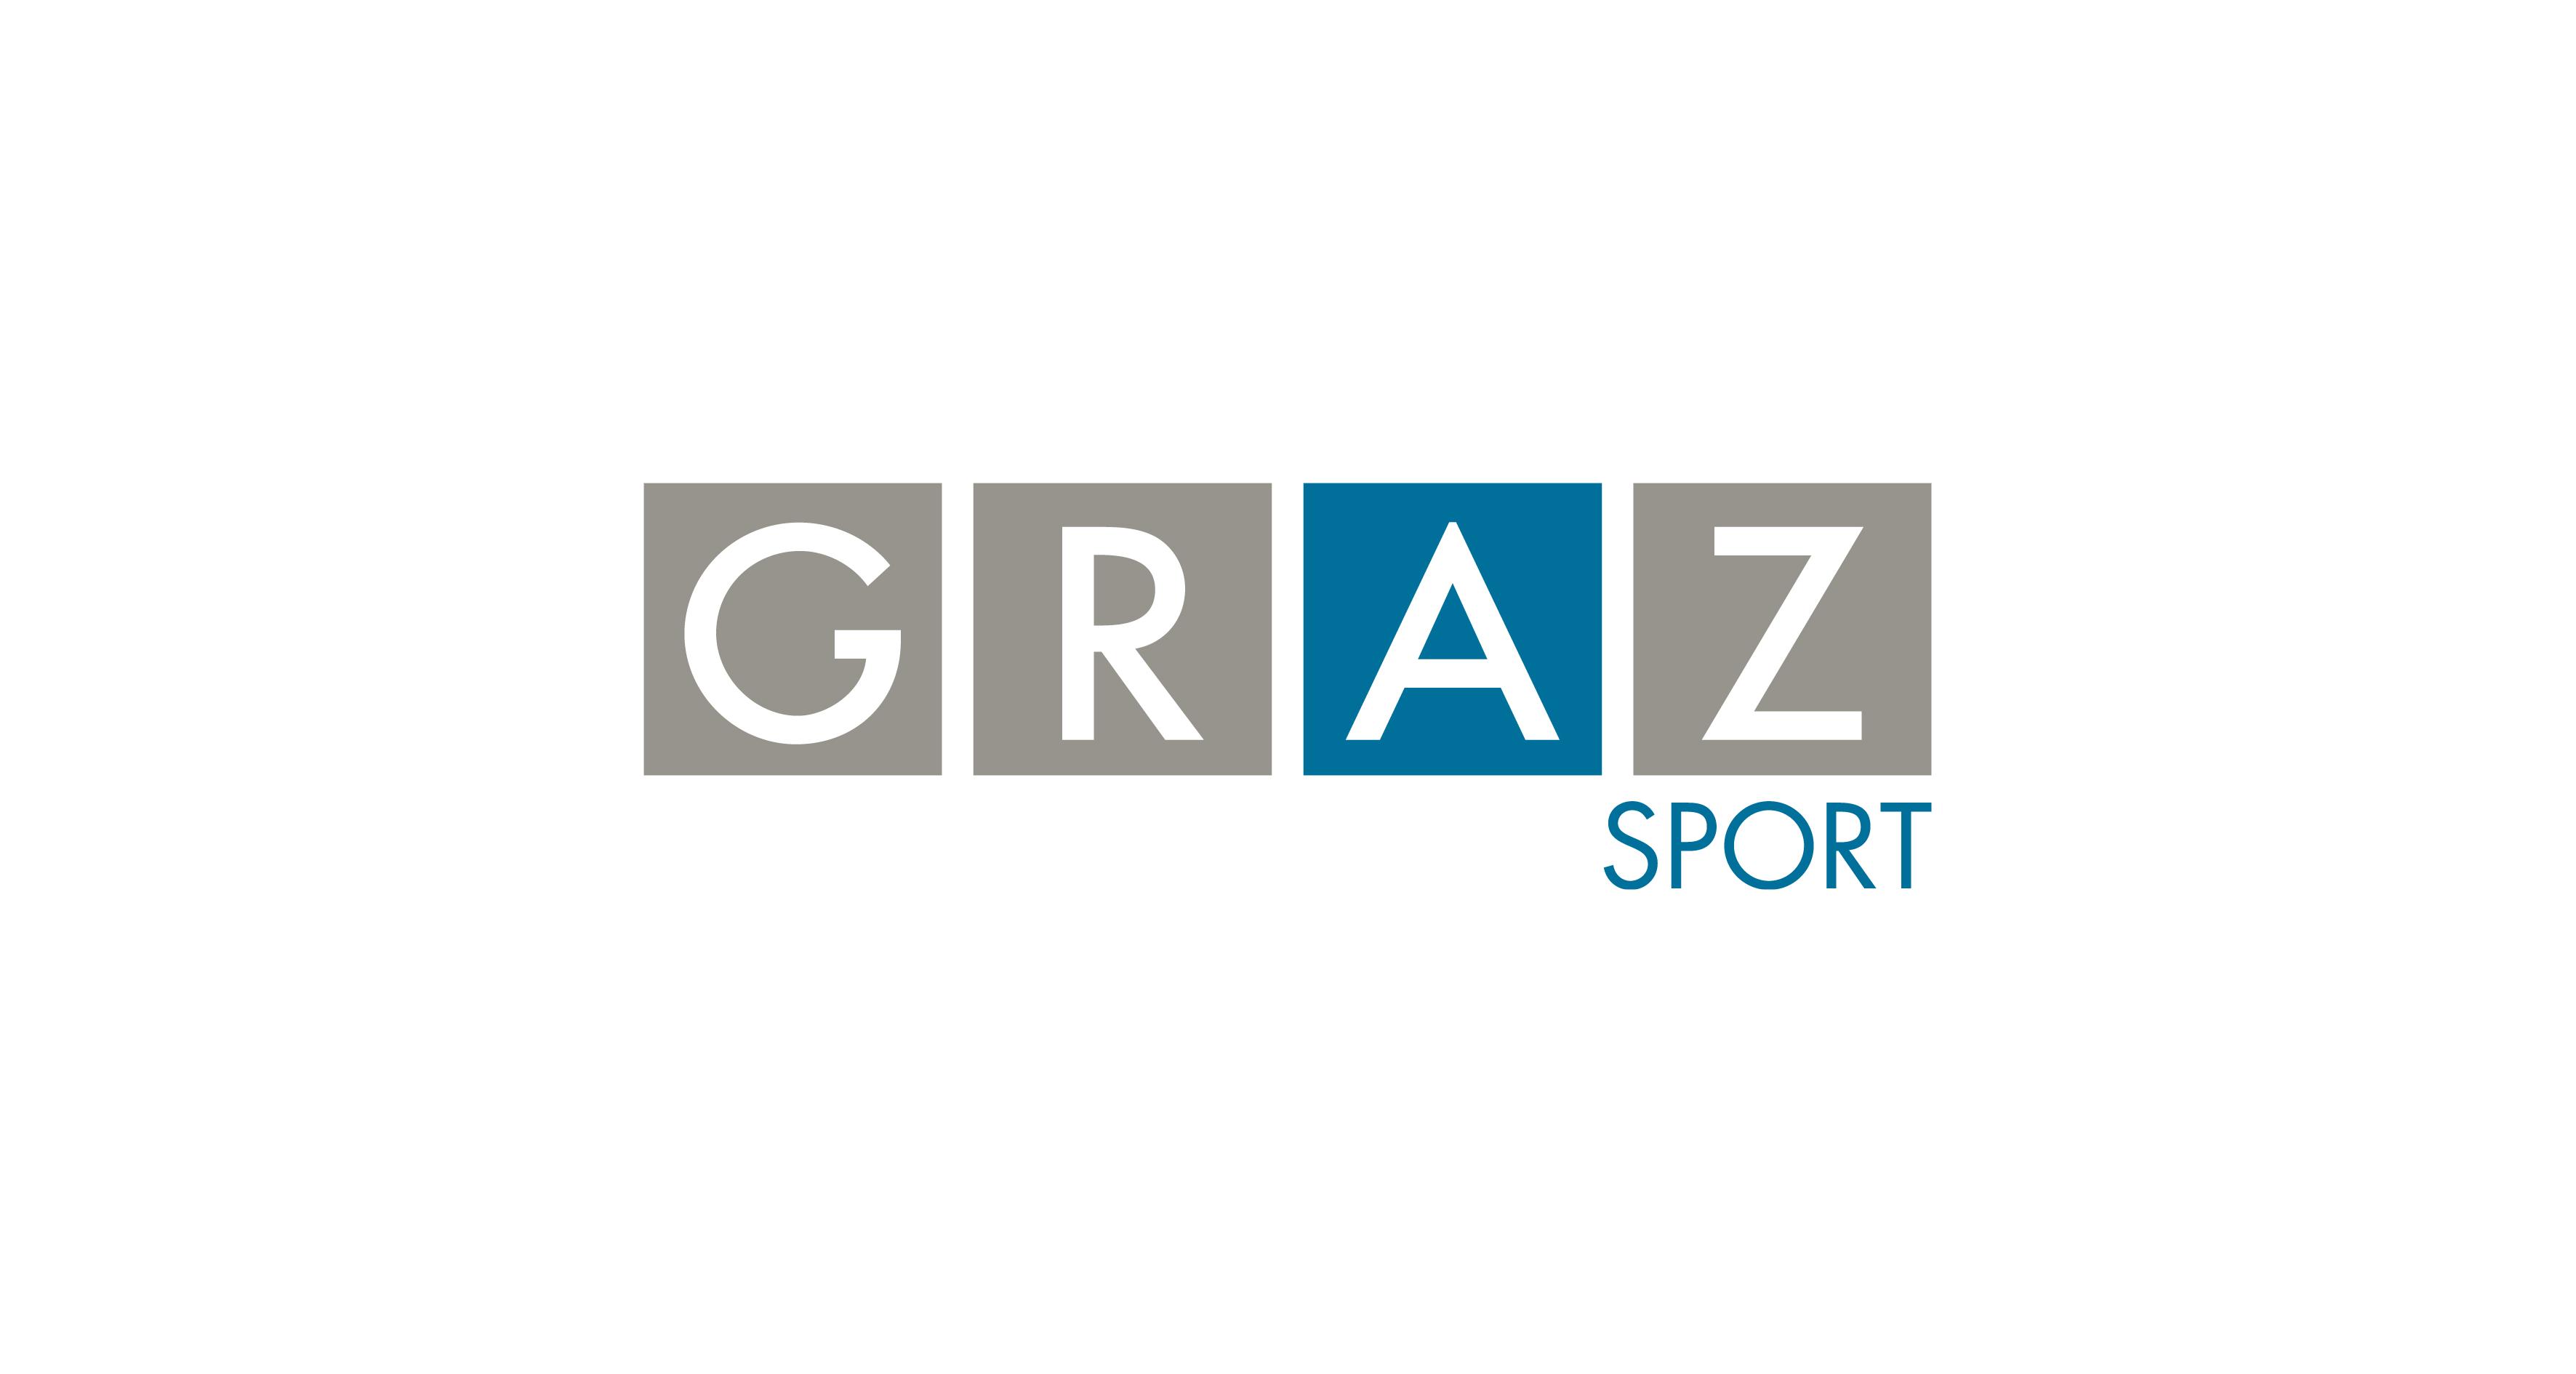 Stadt Graz - Sport